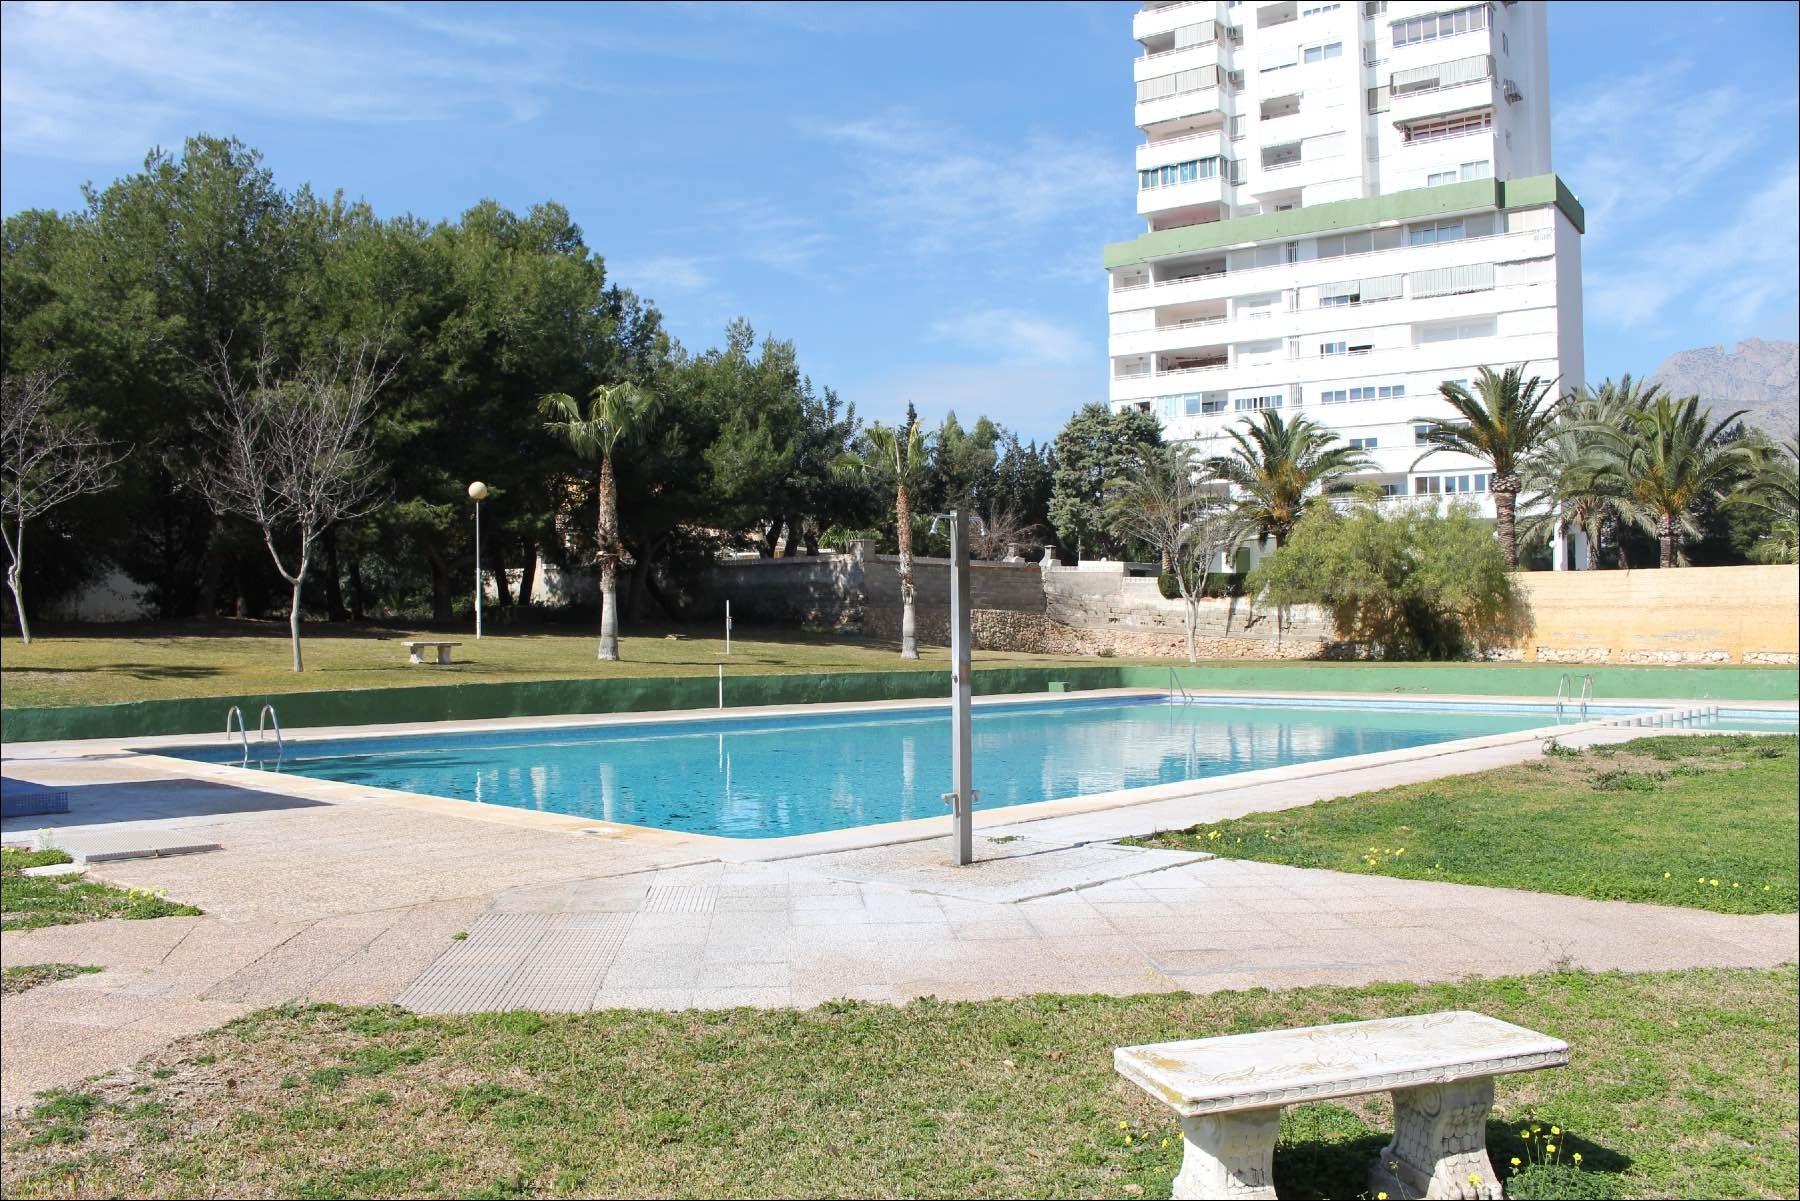 Apartamentos en benidorm apartamento benidorm 1 - Alquiler de apartamentos en benidorm particulares ...